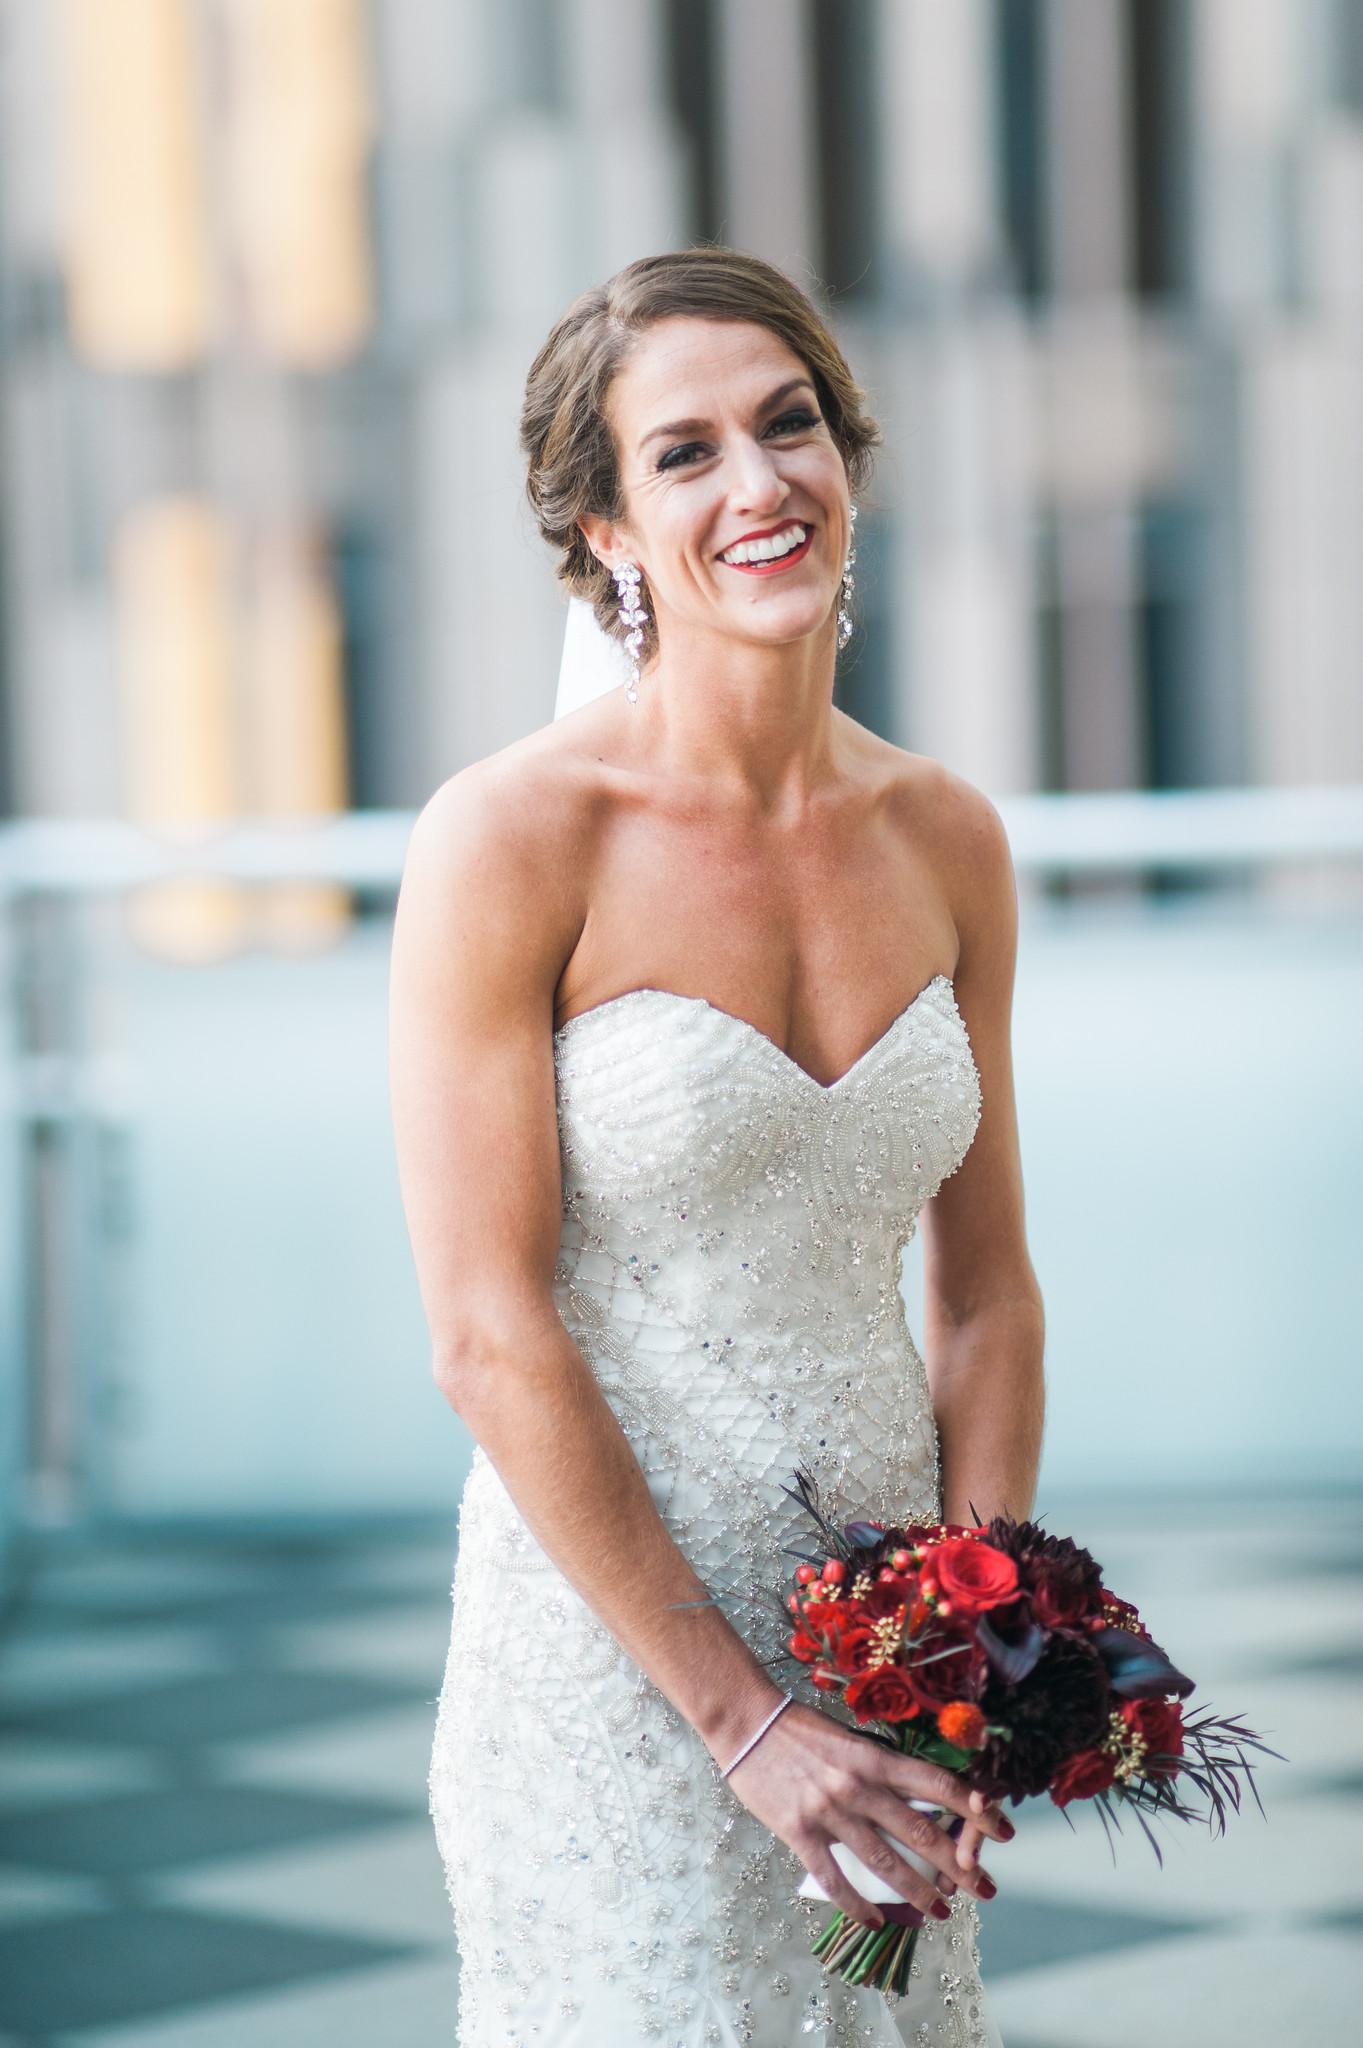 hoke-wedding-123-X4.jpg